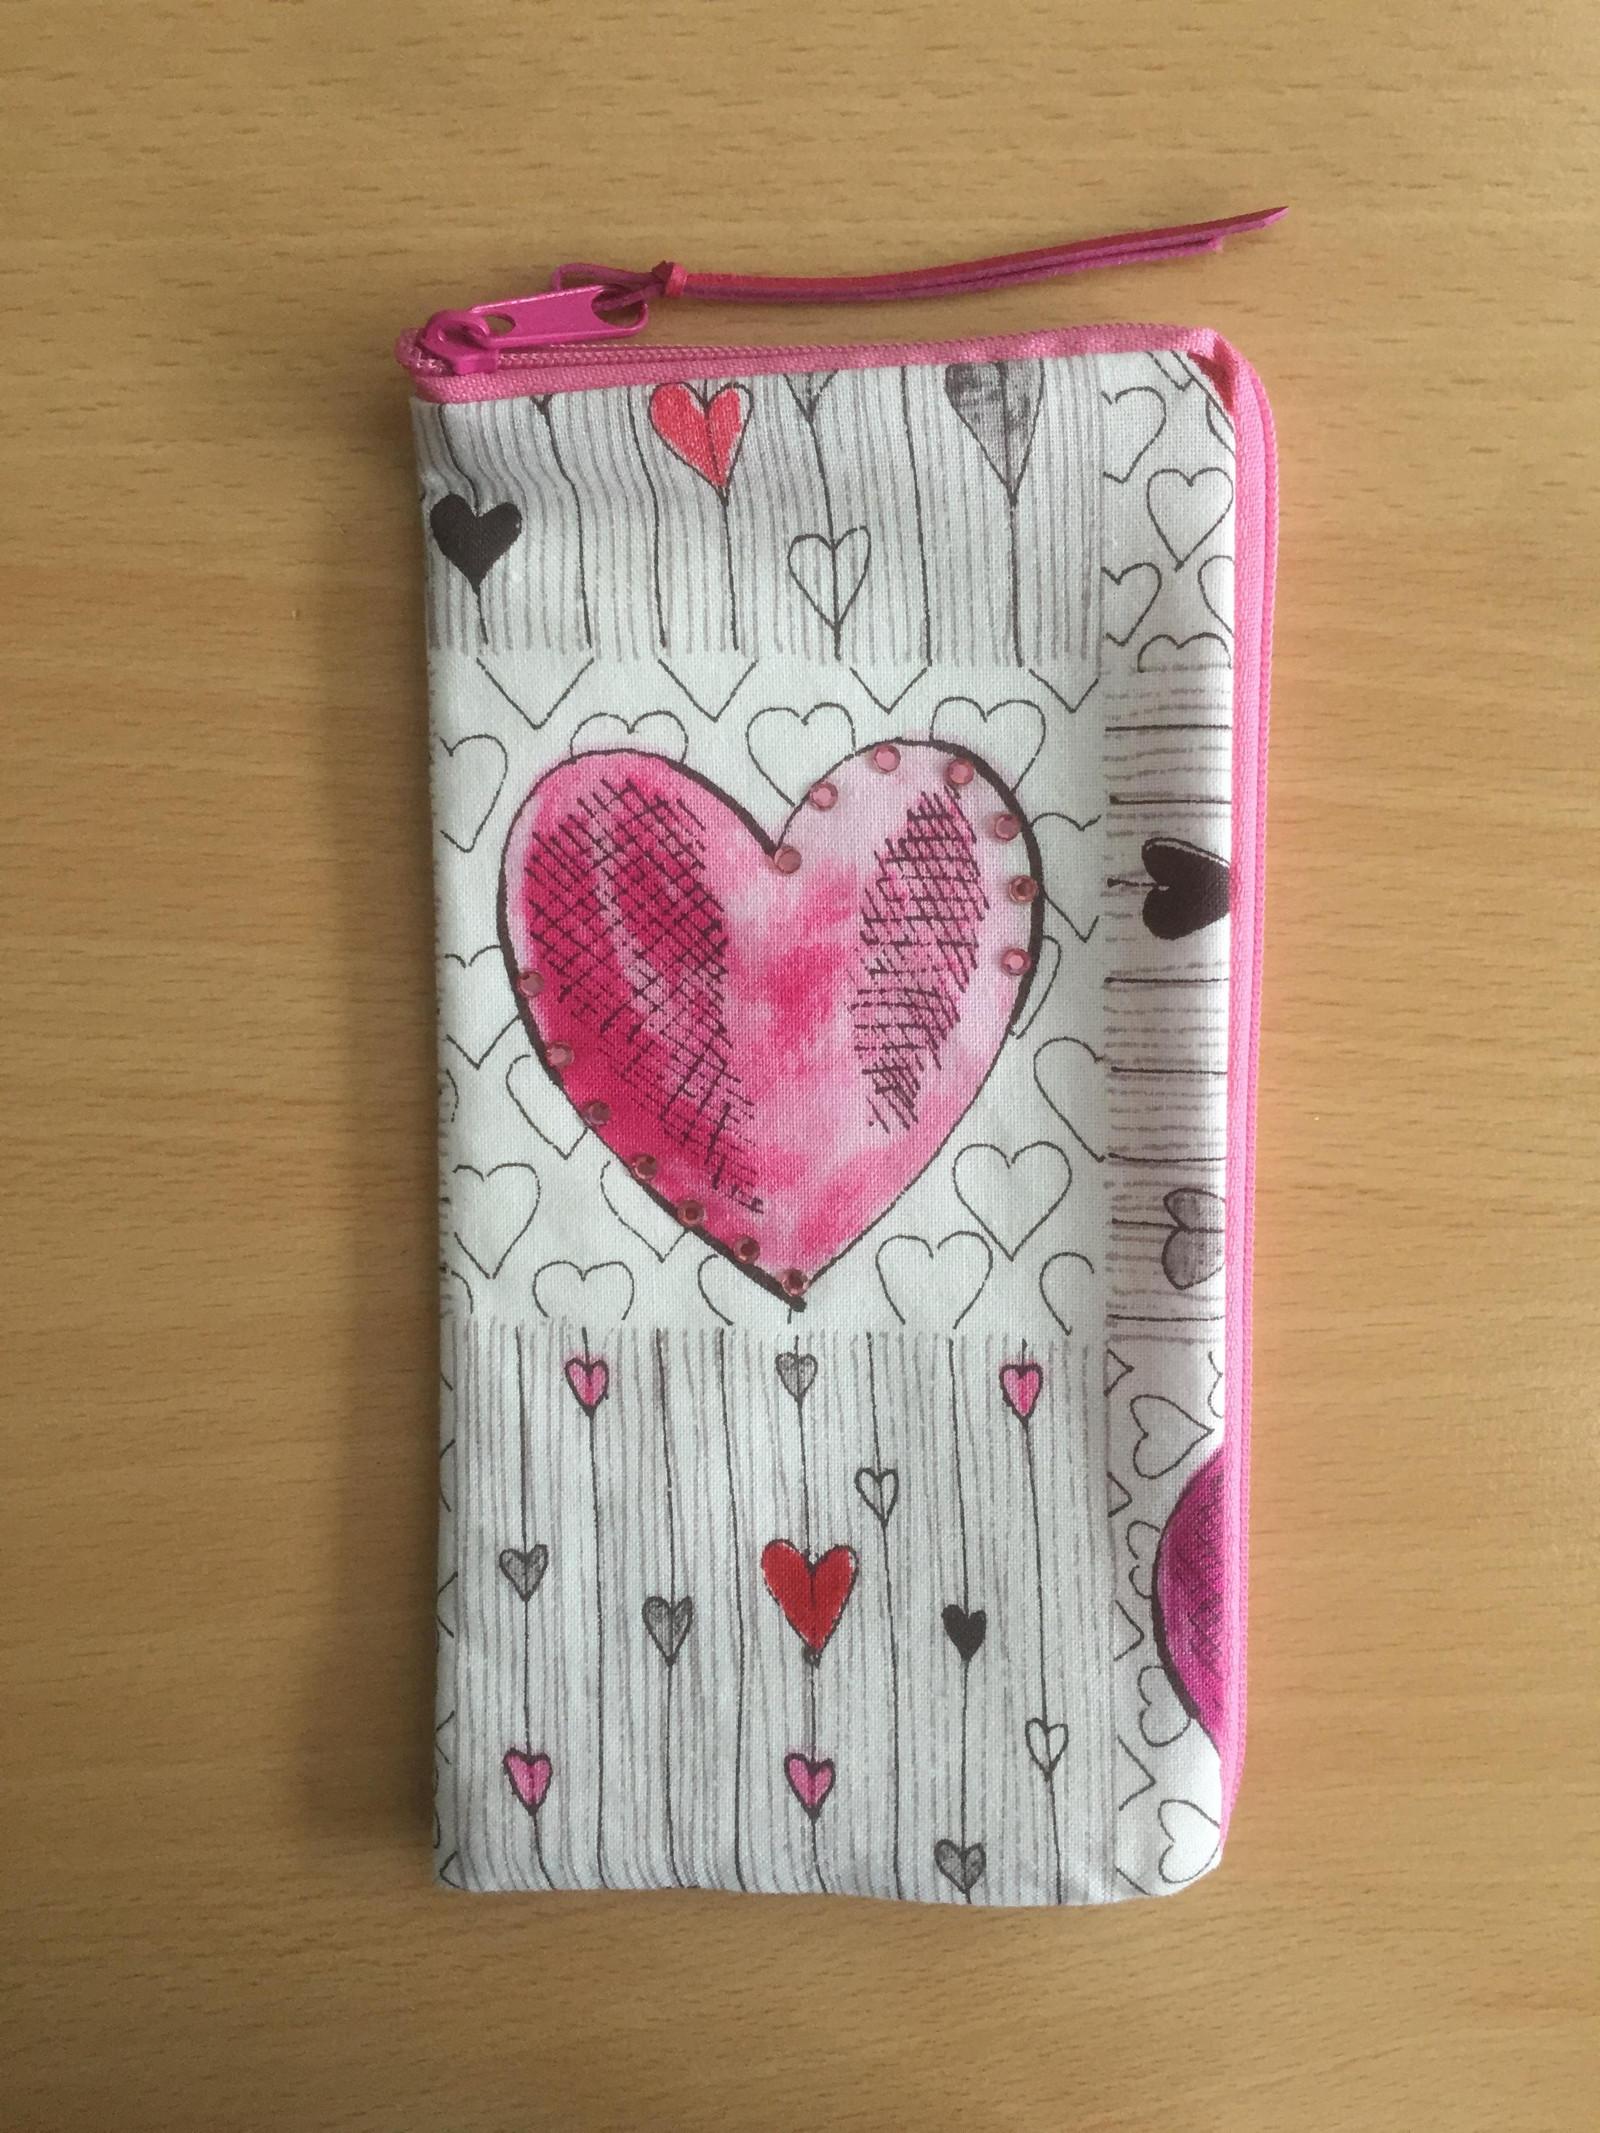 Obal na mobil - růžové srdce   Zboží prodejce AnetMi  6699d98e336